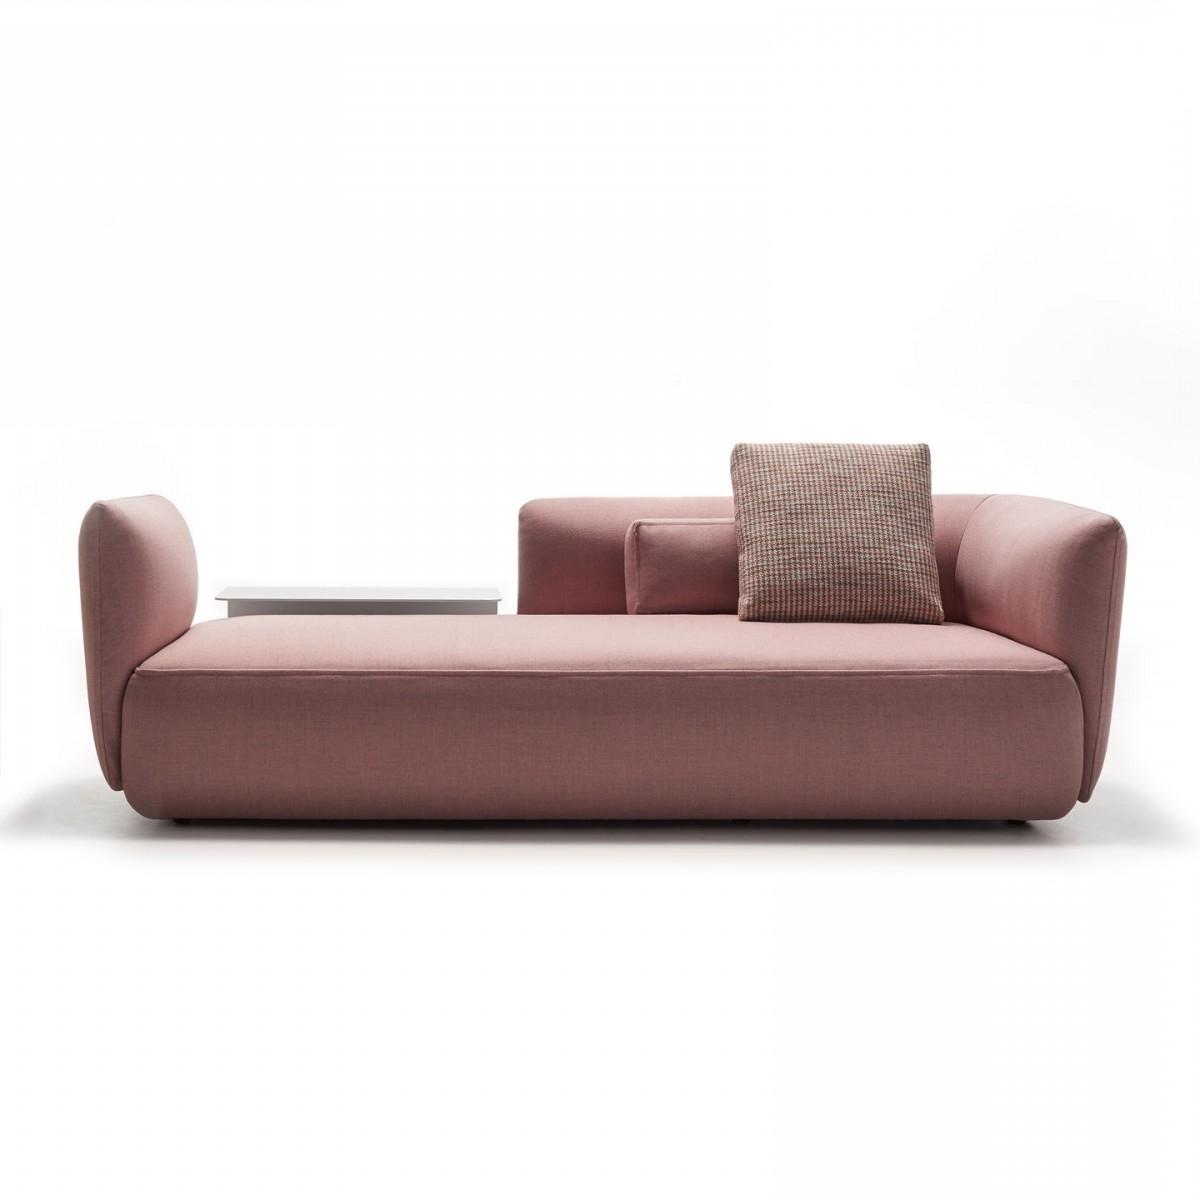 Low Sofas For Latest Contemporary Designer Sofas (View 6 of 15)